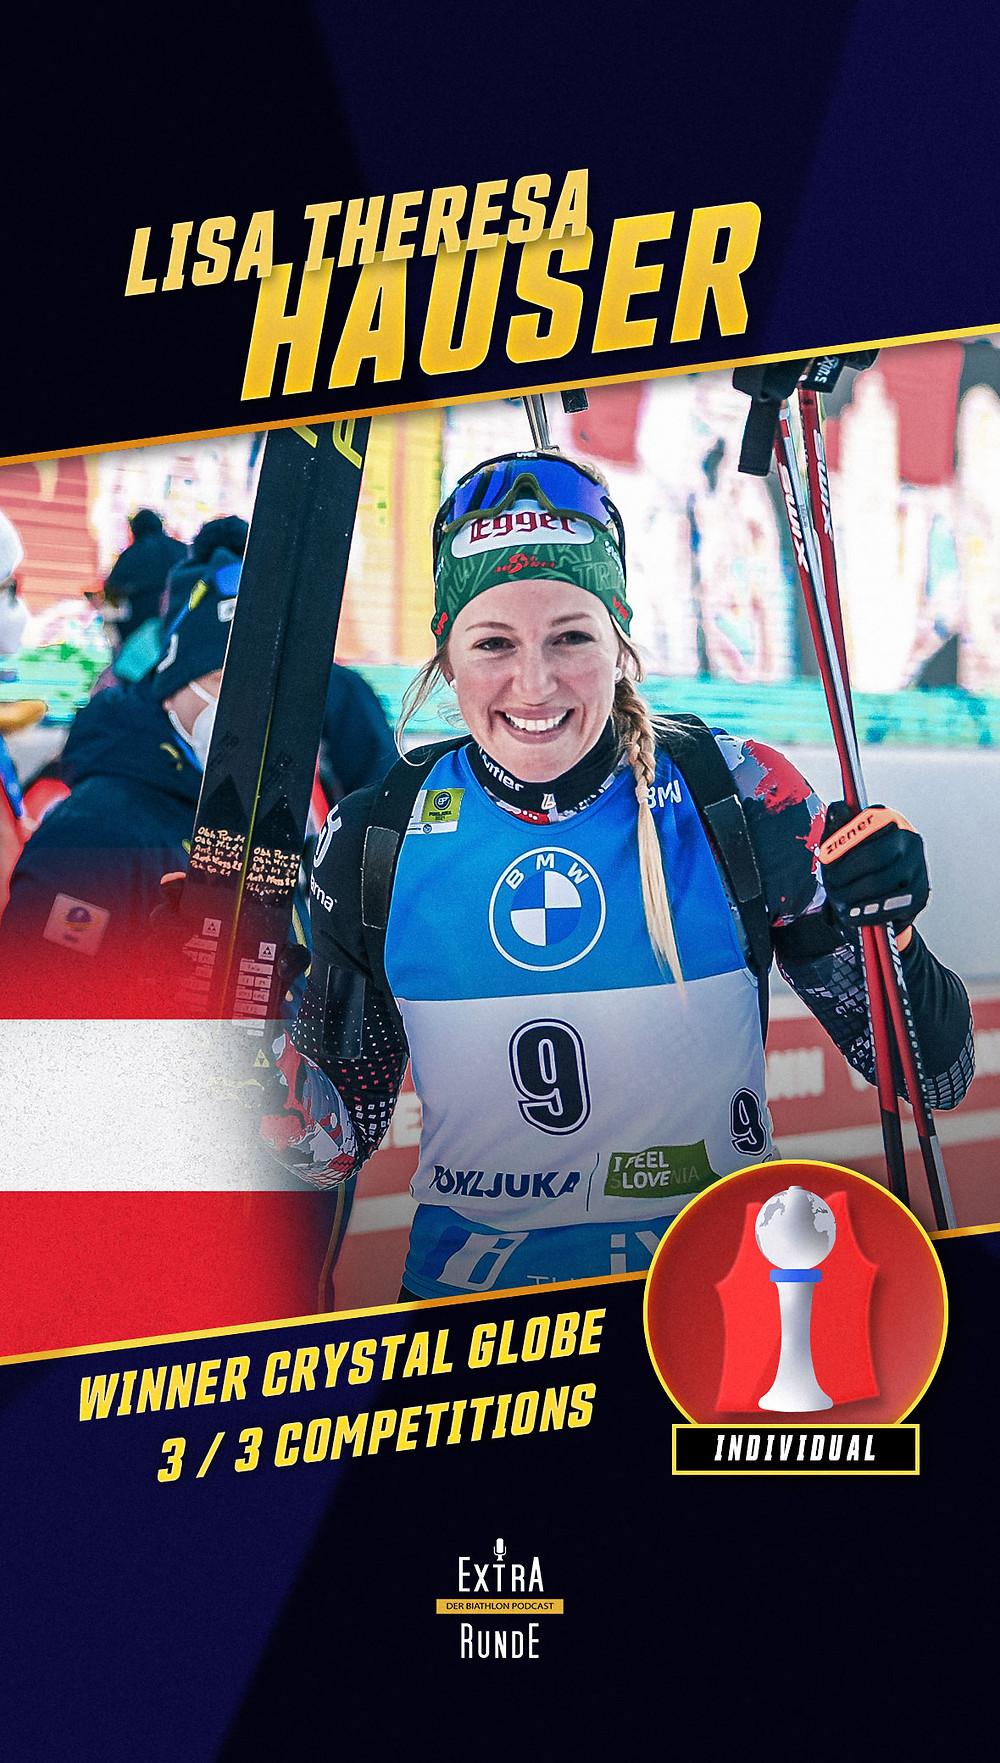 Lisa Theresa Hauser gewinnt zusammen mit Dorothea Wierer die Wertung im Biathon Einzel.